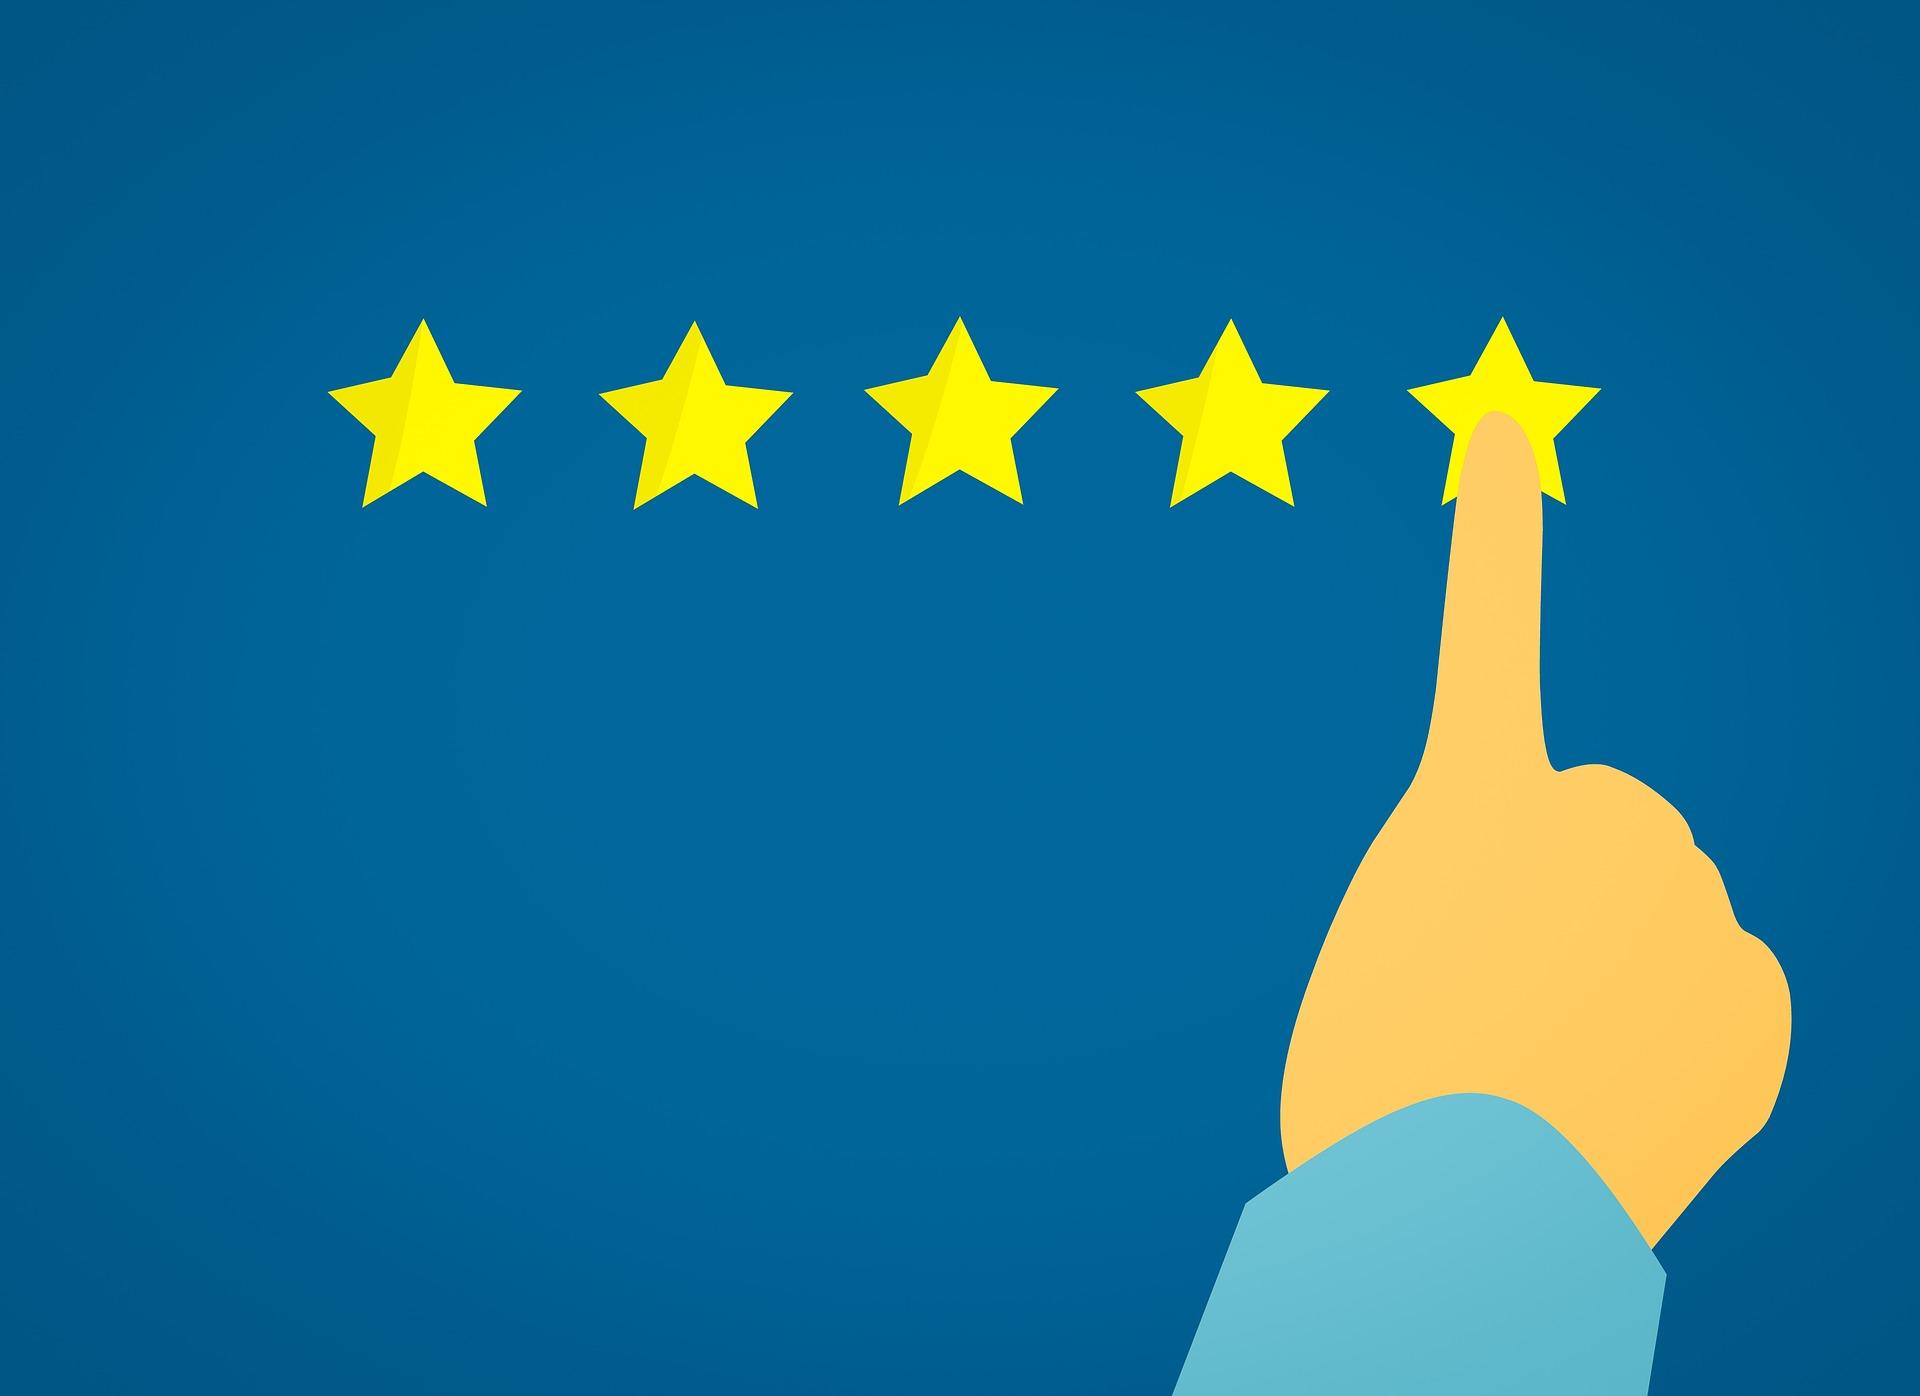 销售管理:客户成功团队的目标是客户推荐